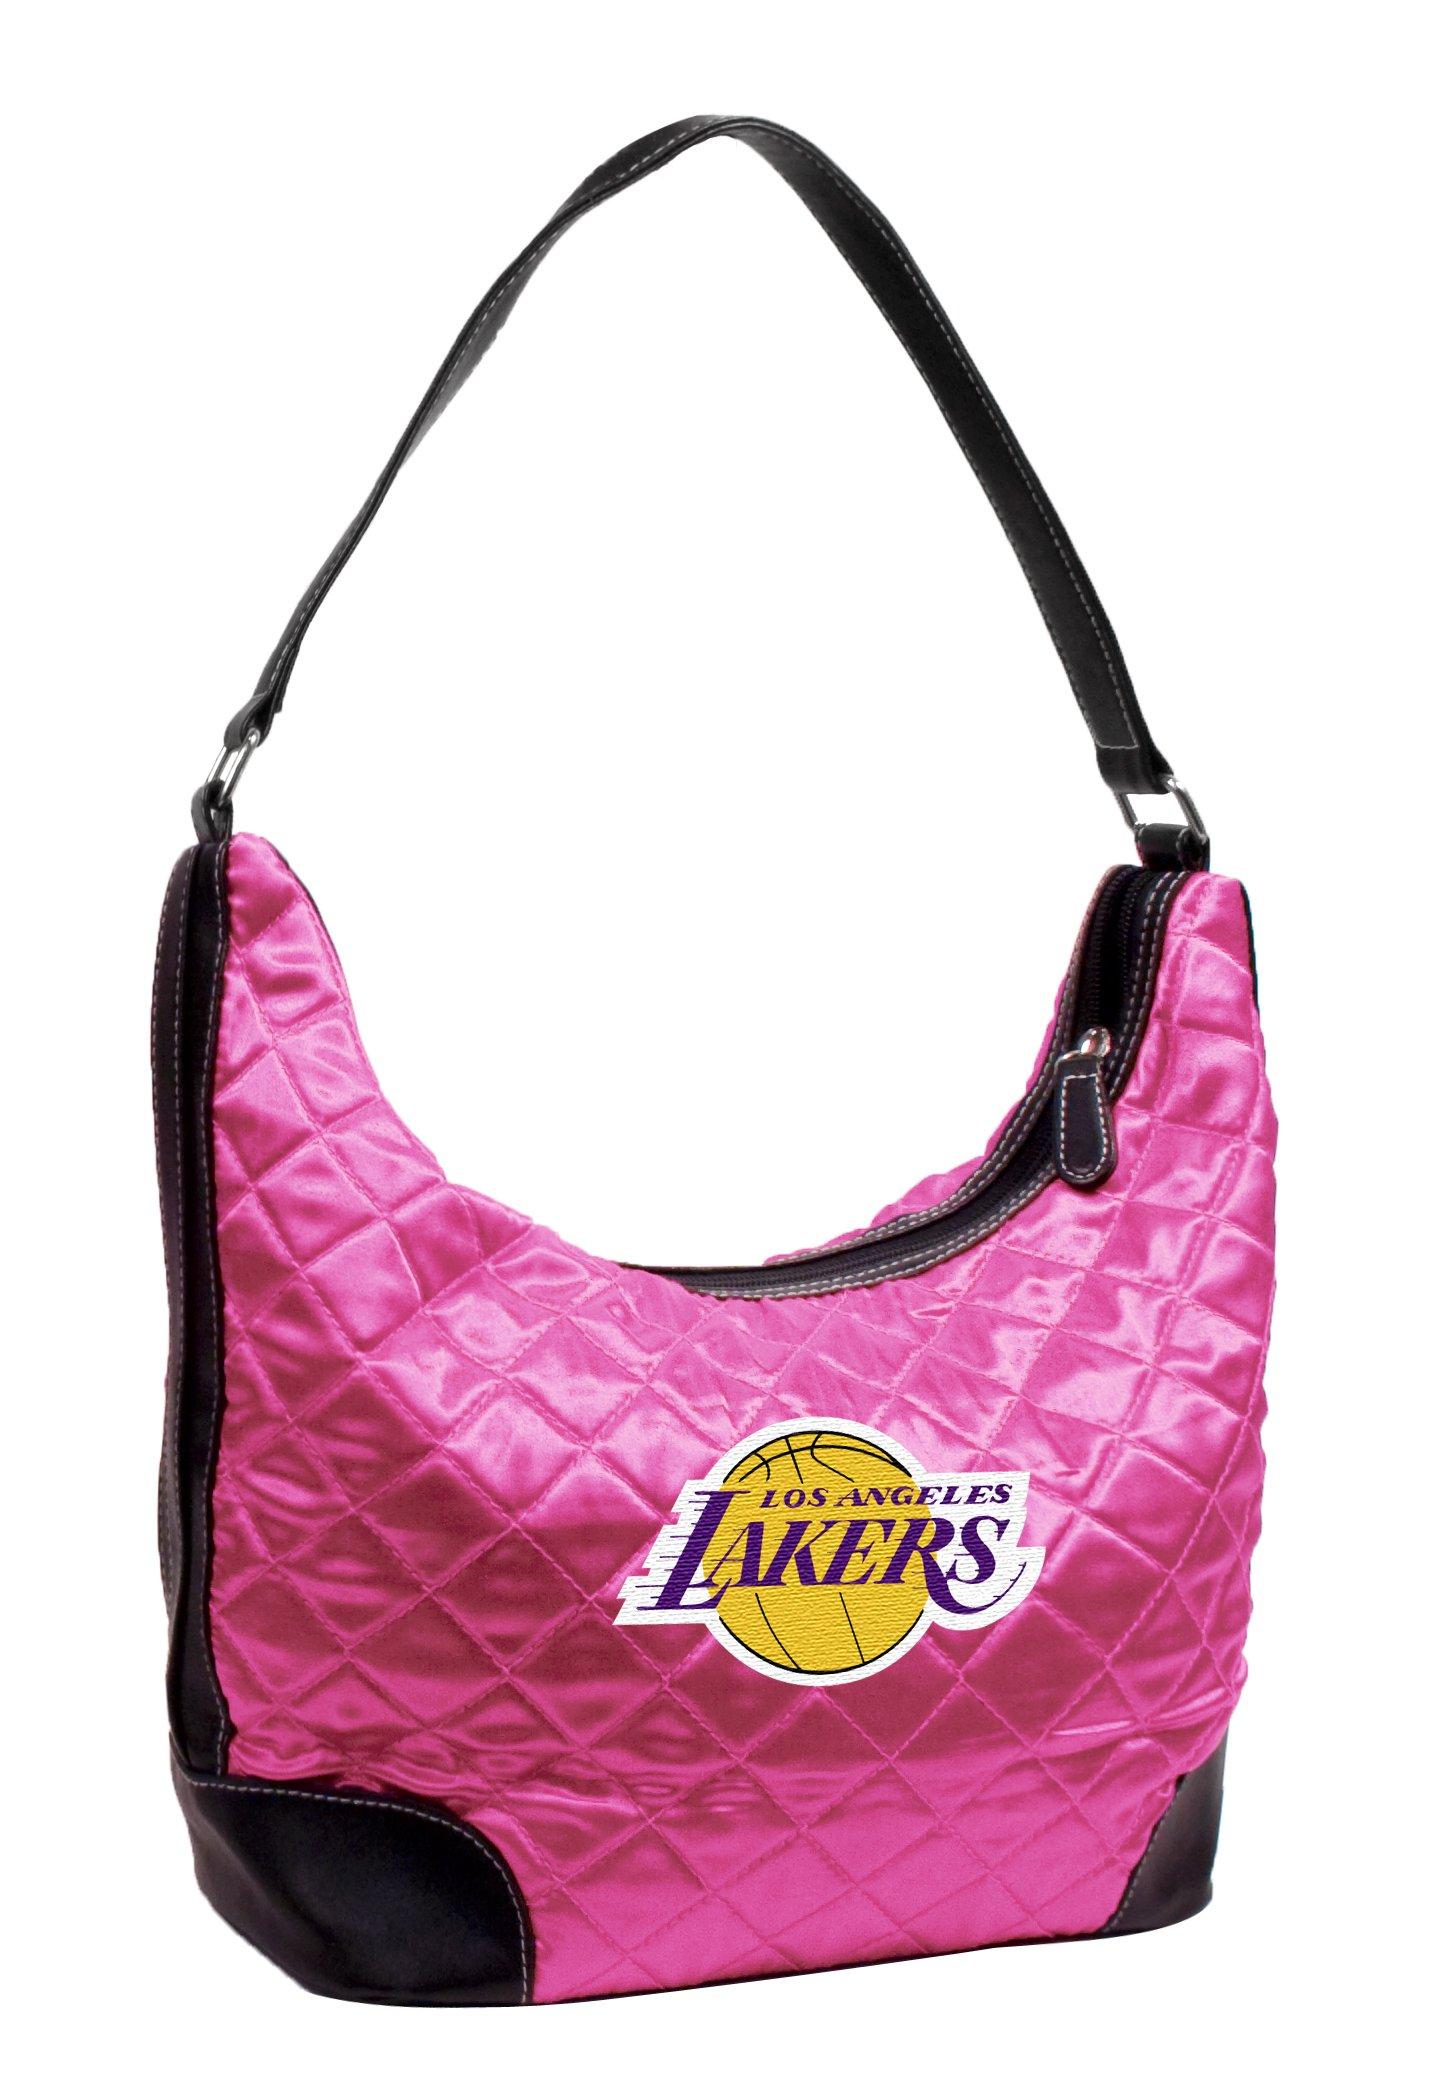 b0f7ce82b885f8 Best Rated in Sports Fan Women's Handbags & Purses & Helpful ...